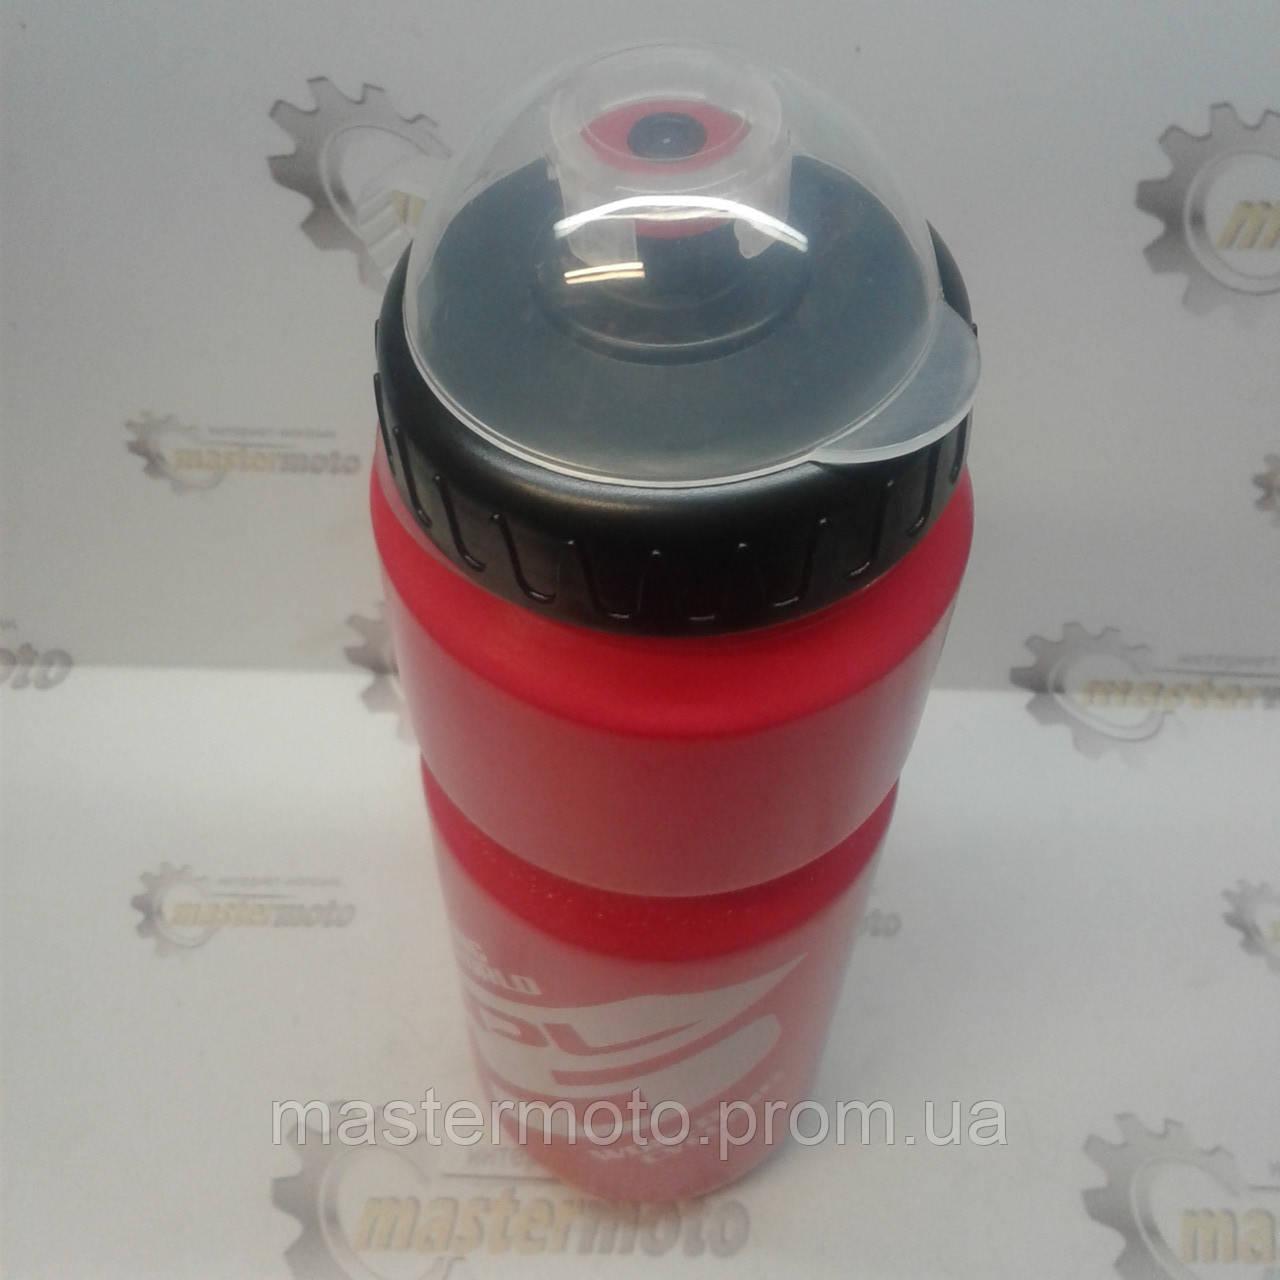 Фляга пластиковая с защитной крышкой, 800мл., красно-белая, SPELLI